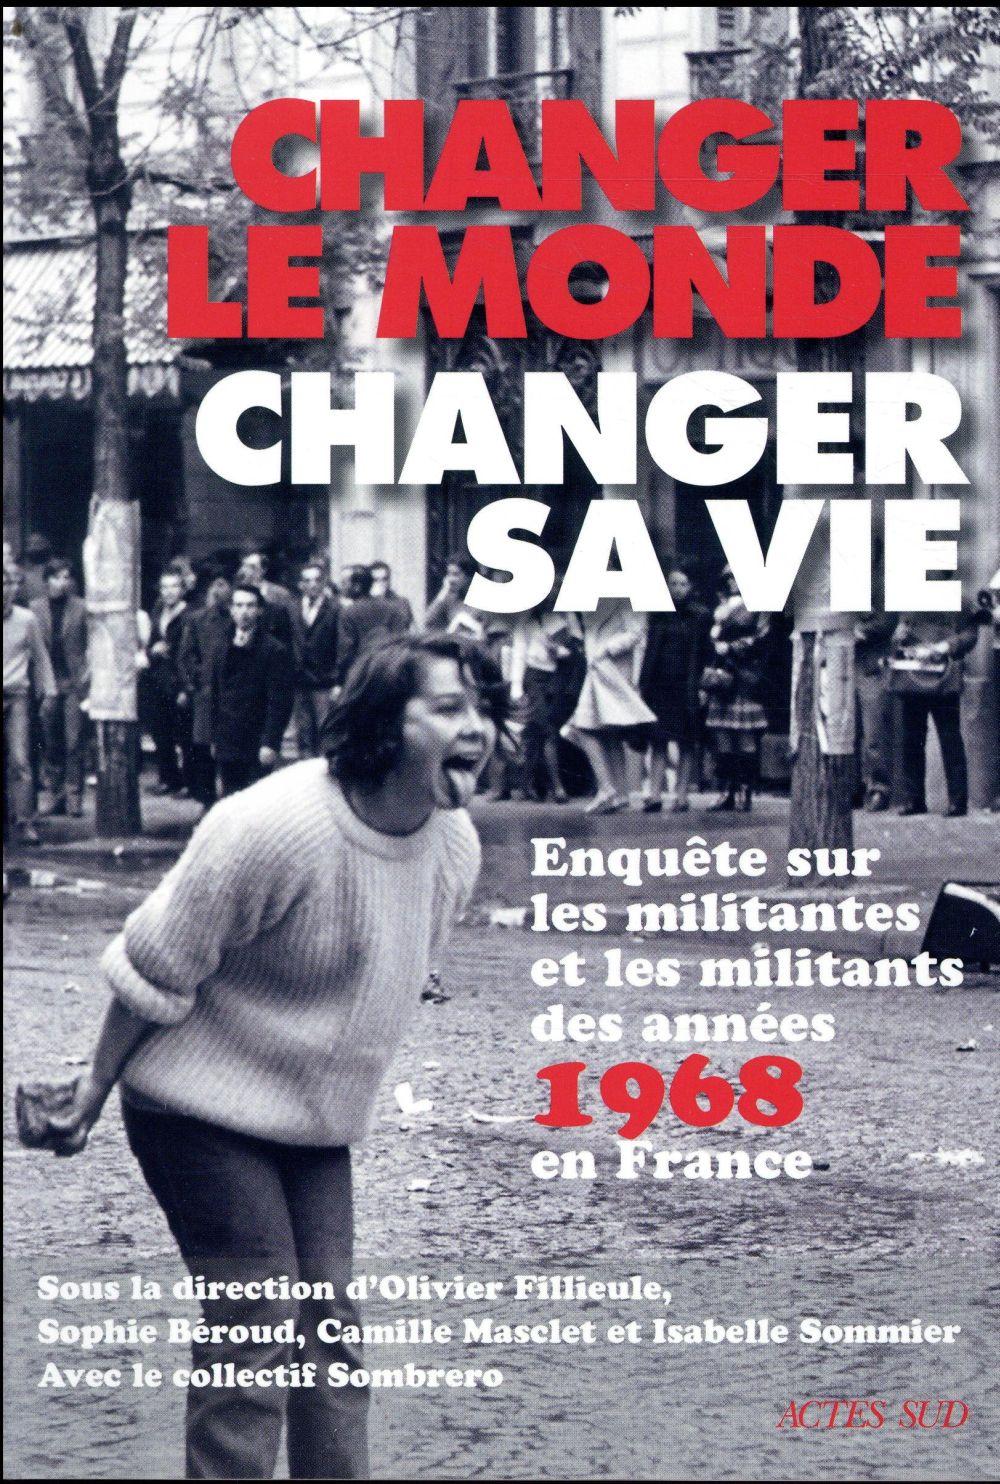 Changer le monde, changer sa vie ; enquête sur les militantes et militants des années 68 en France